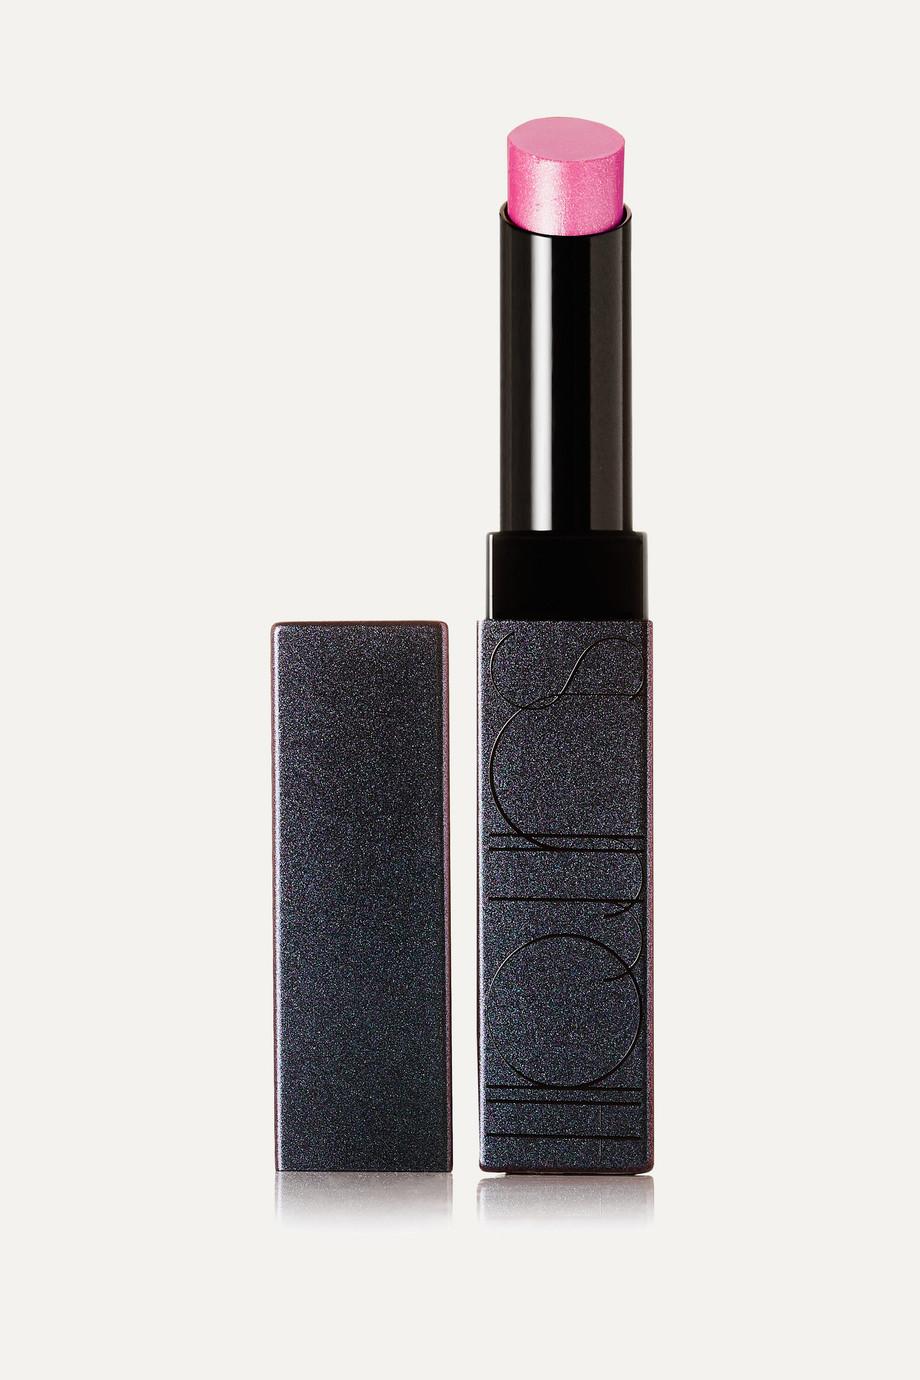 Surratt Beauty Prismatique Lips - Froufrou